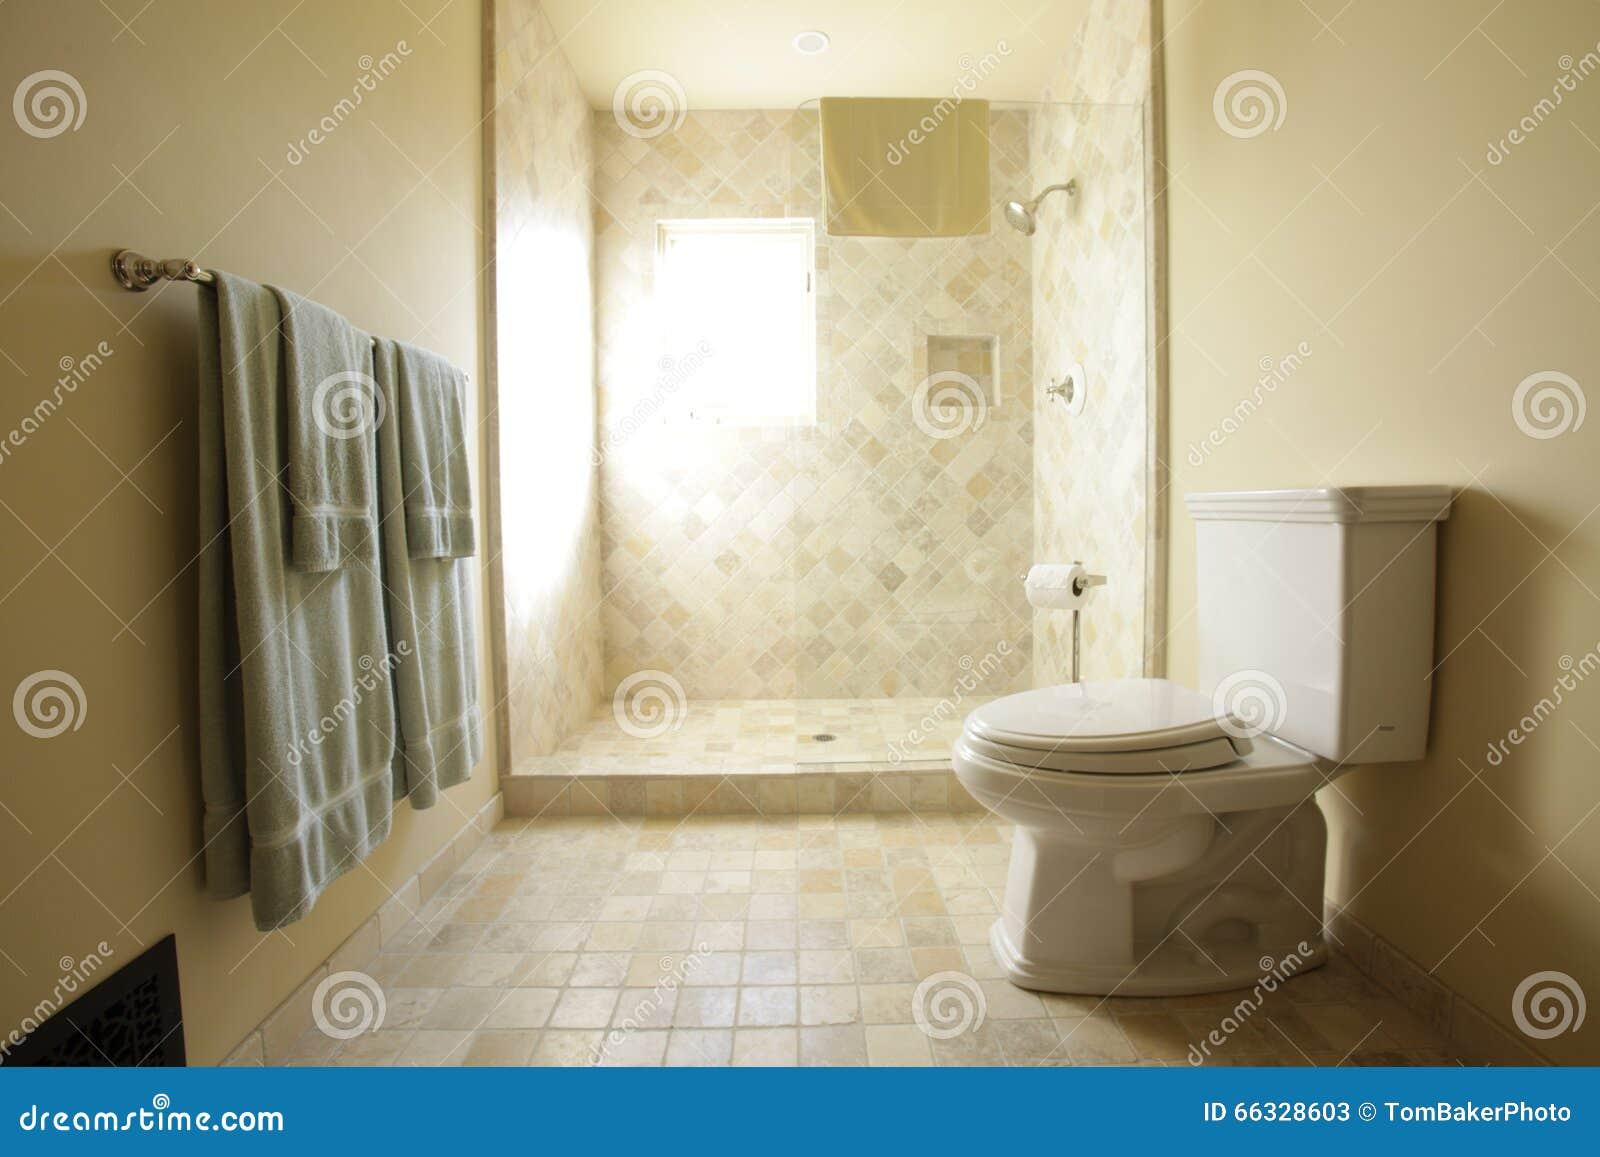 Marmeren douche in badkamers stock foto afbeelding 66328603 - Marmeren douche ...